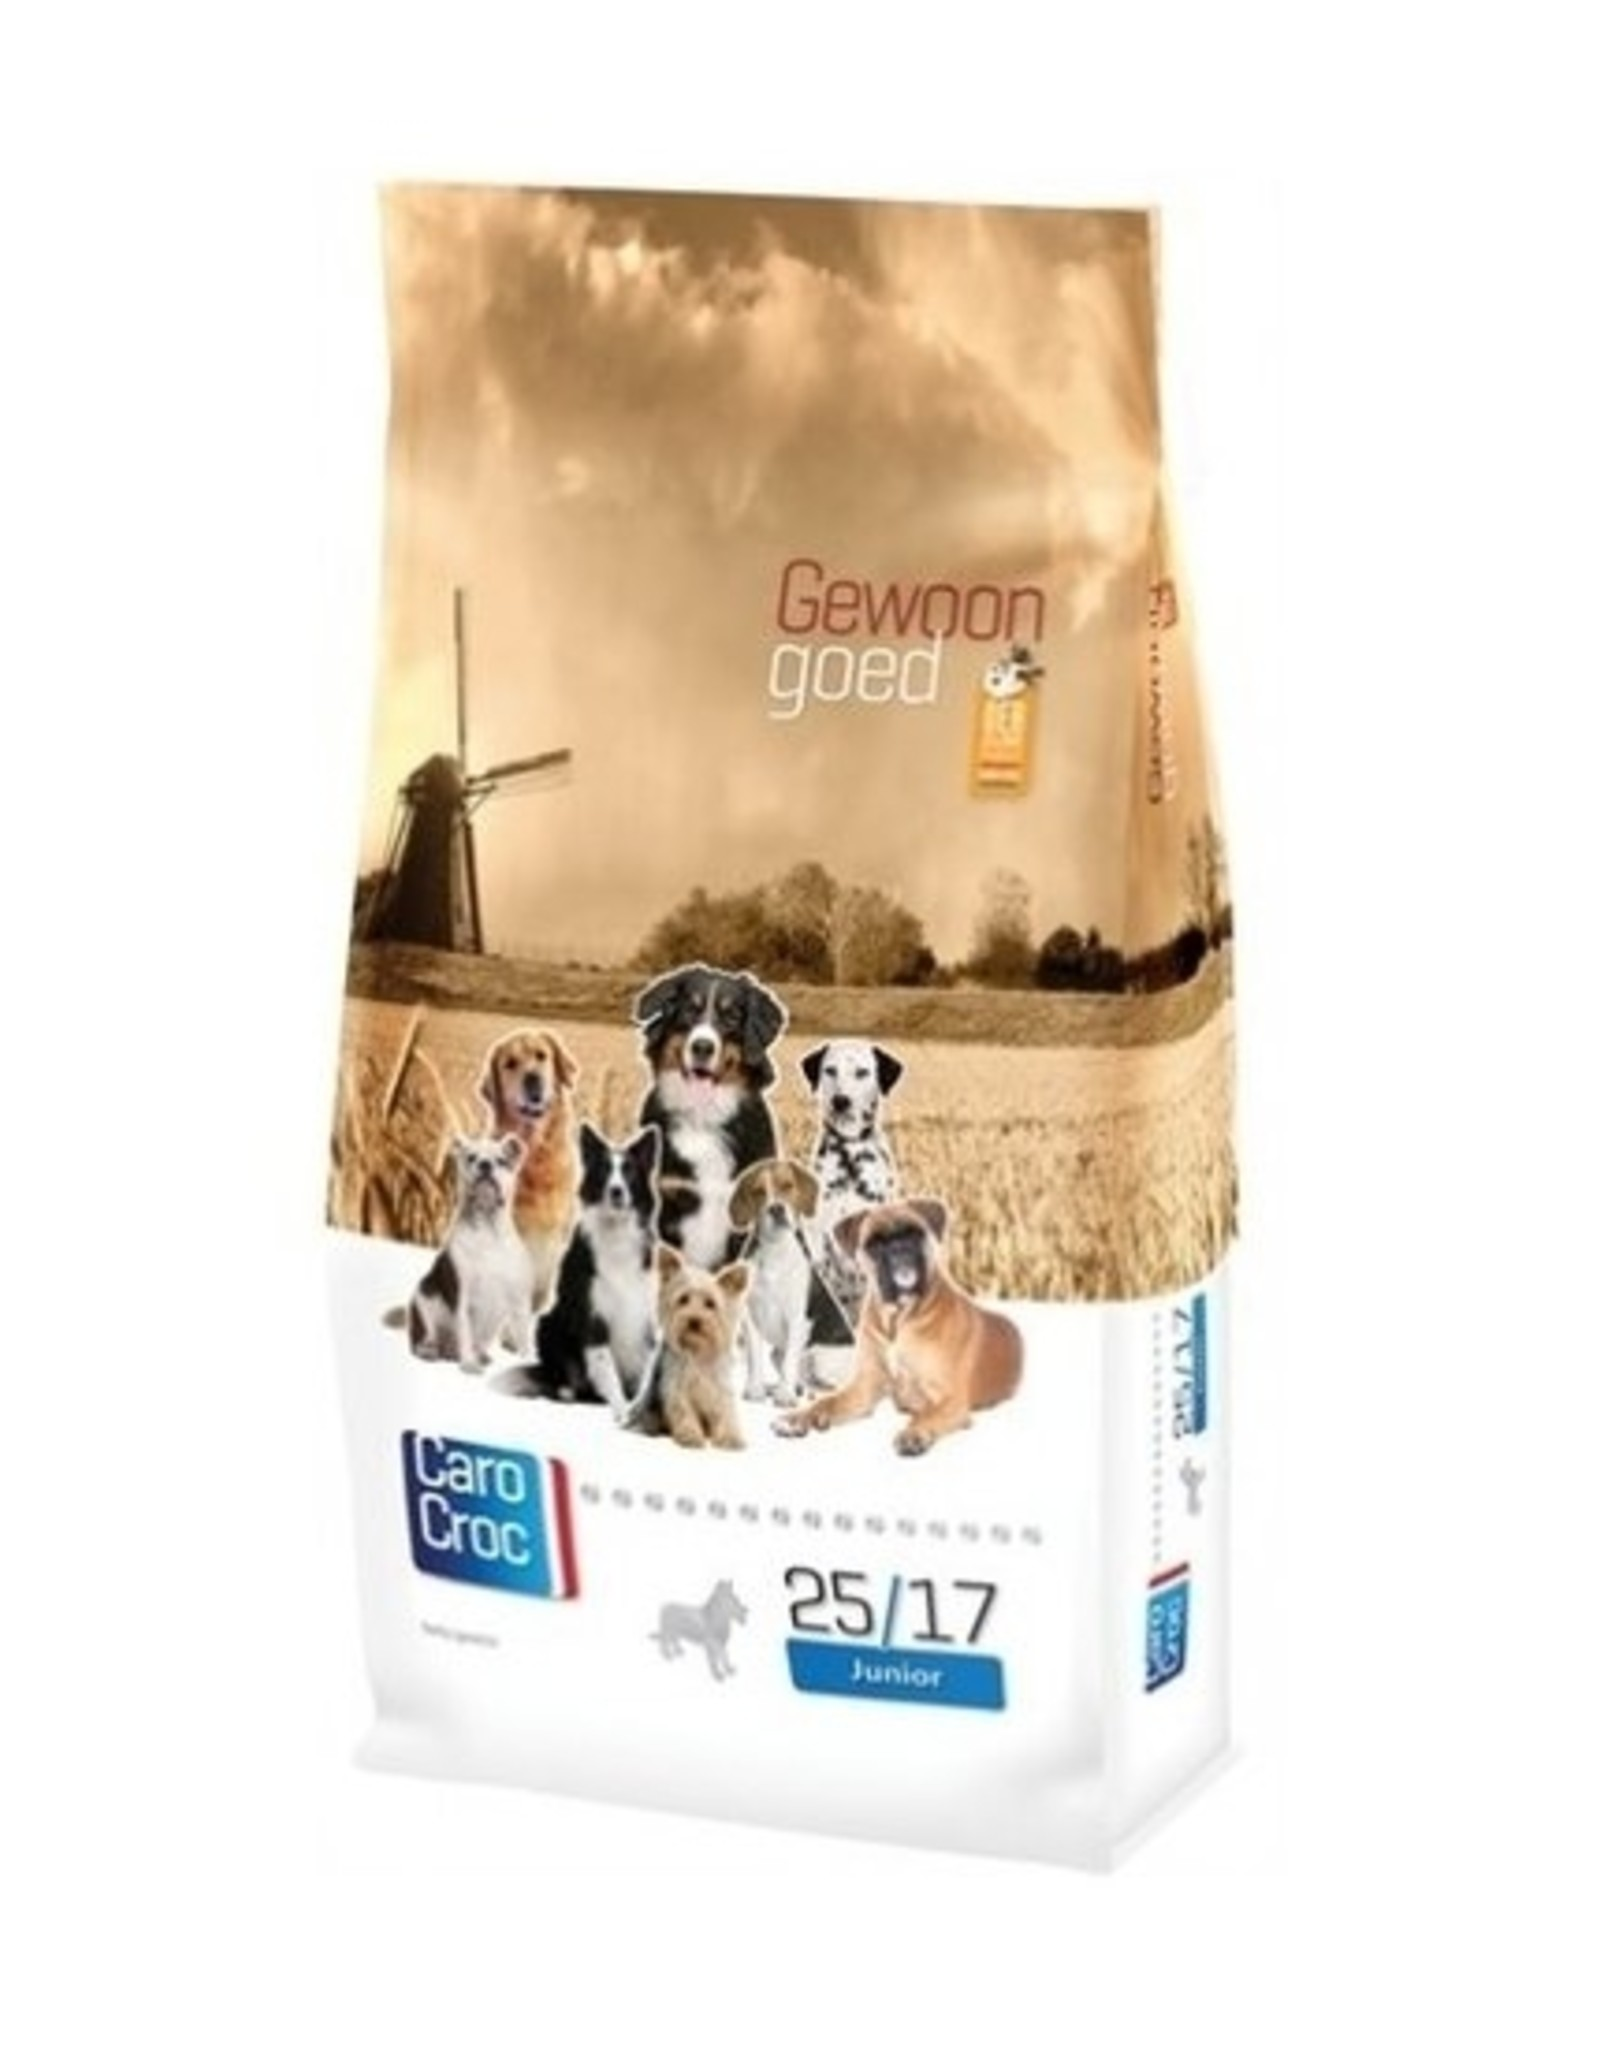 Sanimed Sanimed Carocroc Junior Canine 25/17 Chk Riz 15kg